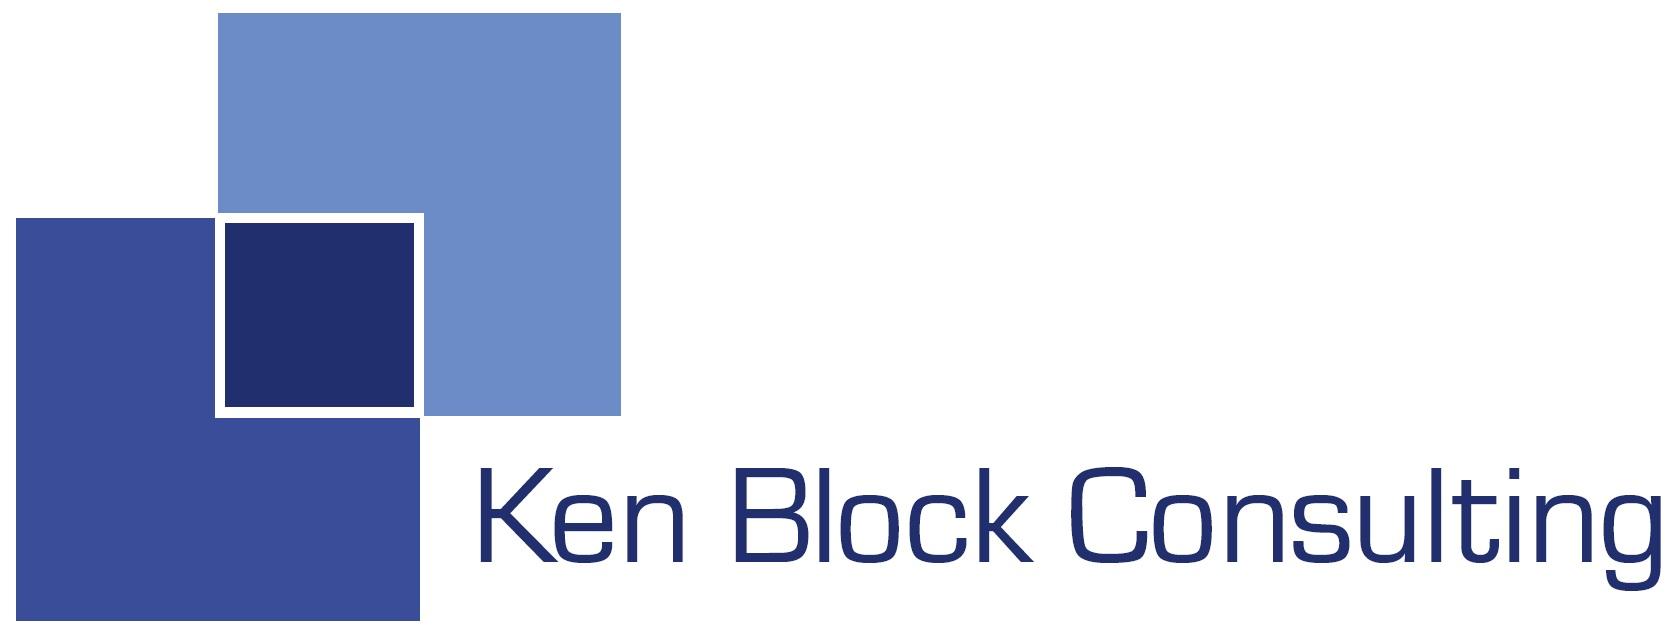 Ken Block Consulting